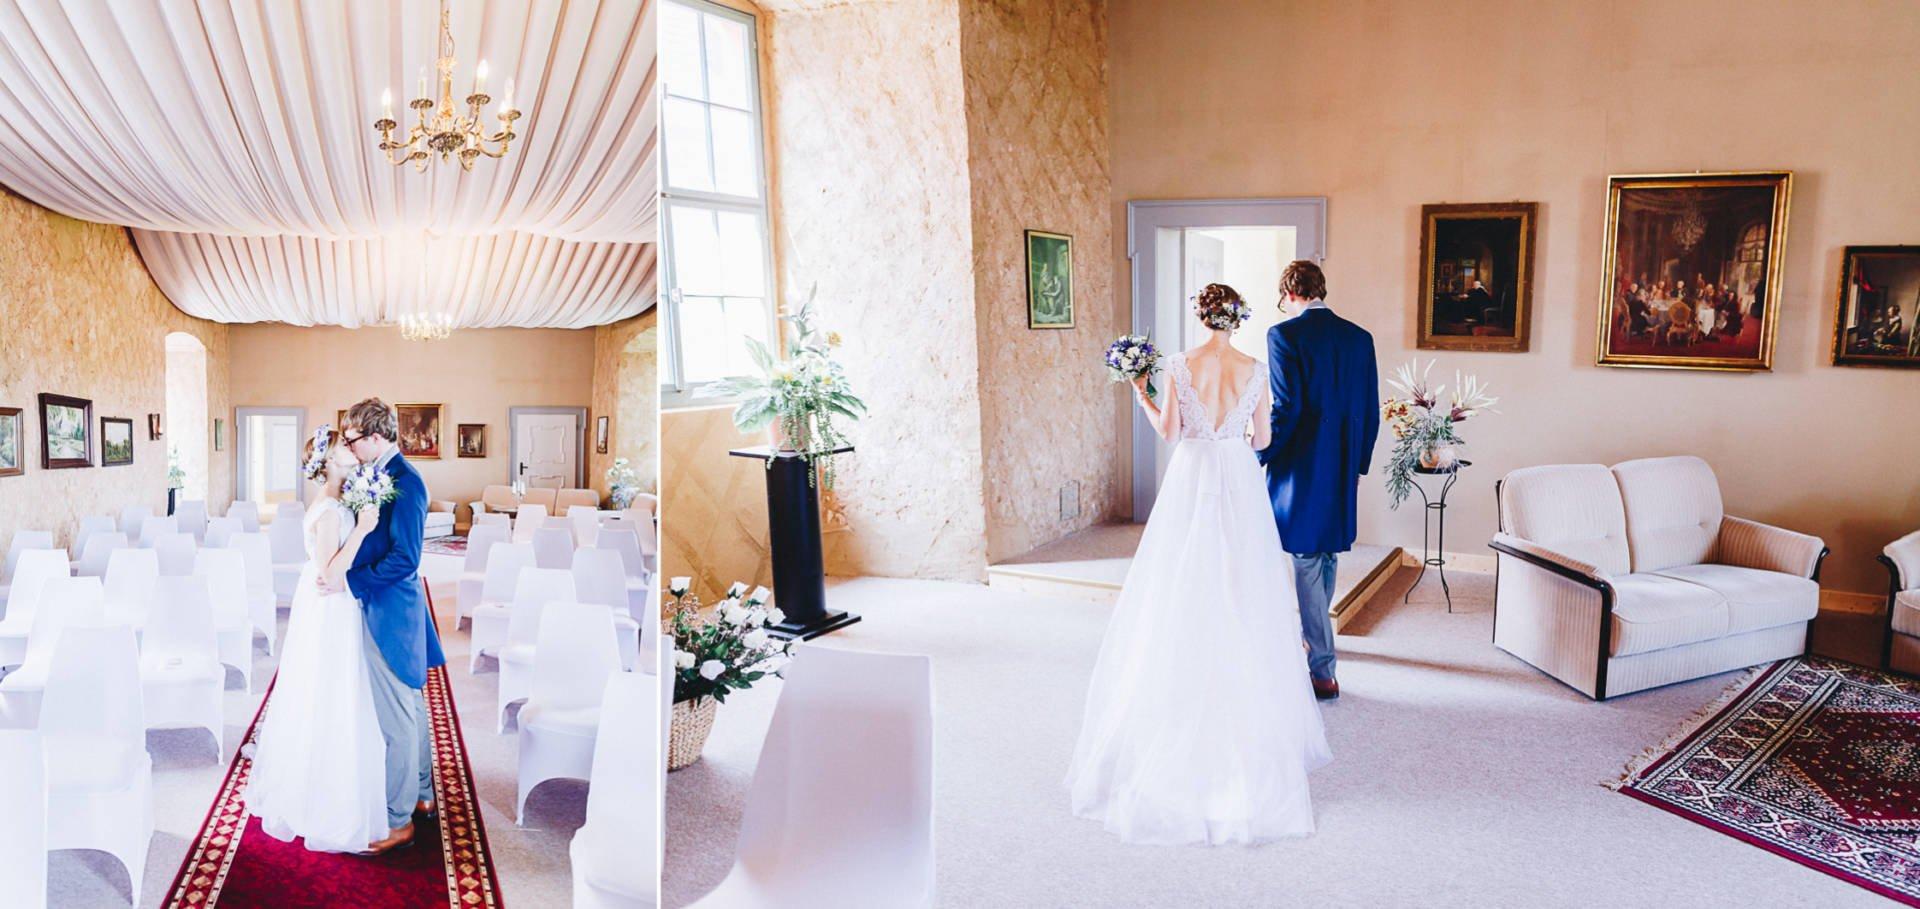 Blankenhain 06 - Hochzeit im Schloss Blankenhain